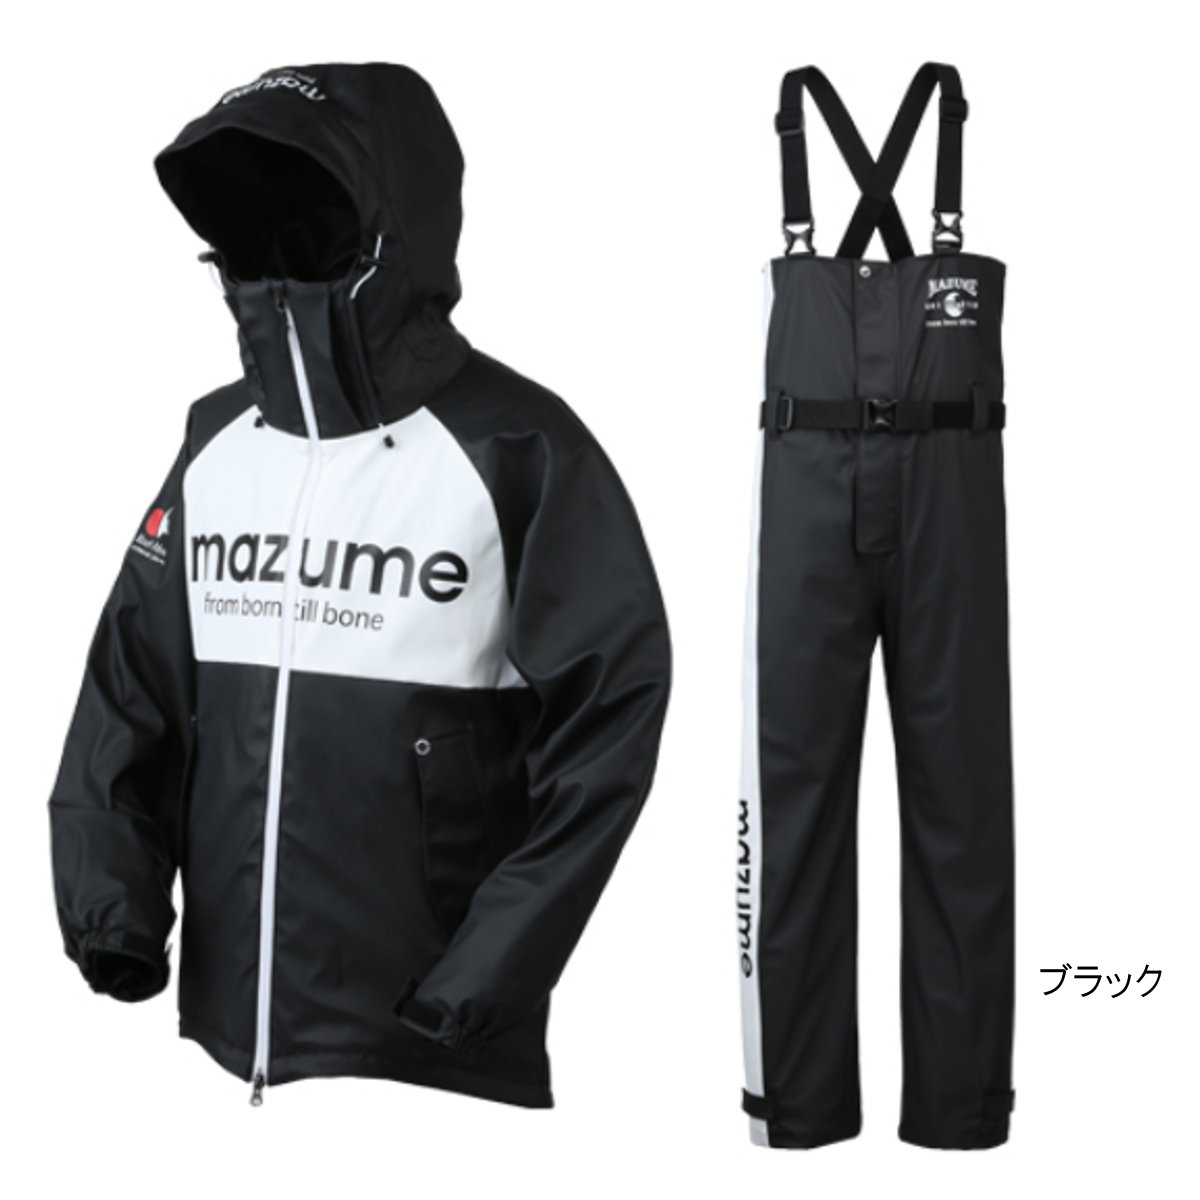 【ついに再販開始!】 mazume mazume ROUGH WATER レインスーツ II MZRS-383 MZRS-383 ブラック M ブラック, モンストラ-ダ:fc56e81f --- canoncity.azurewebsites.net